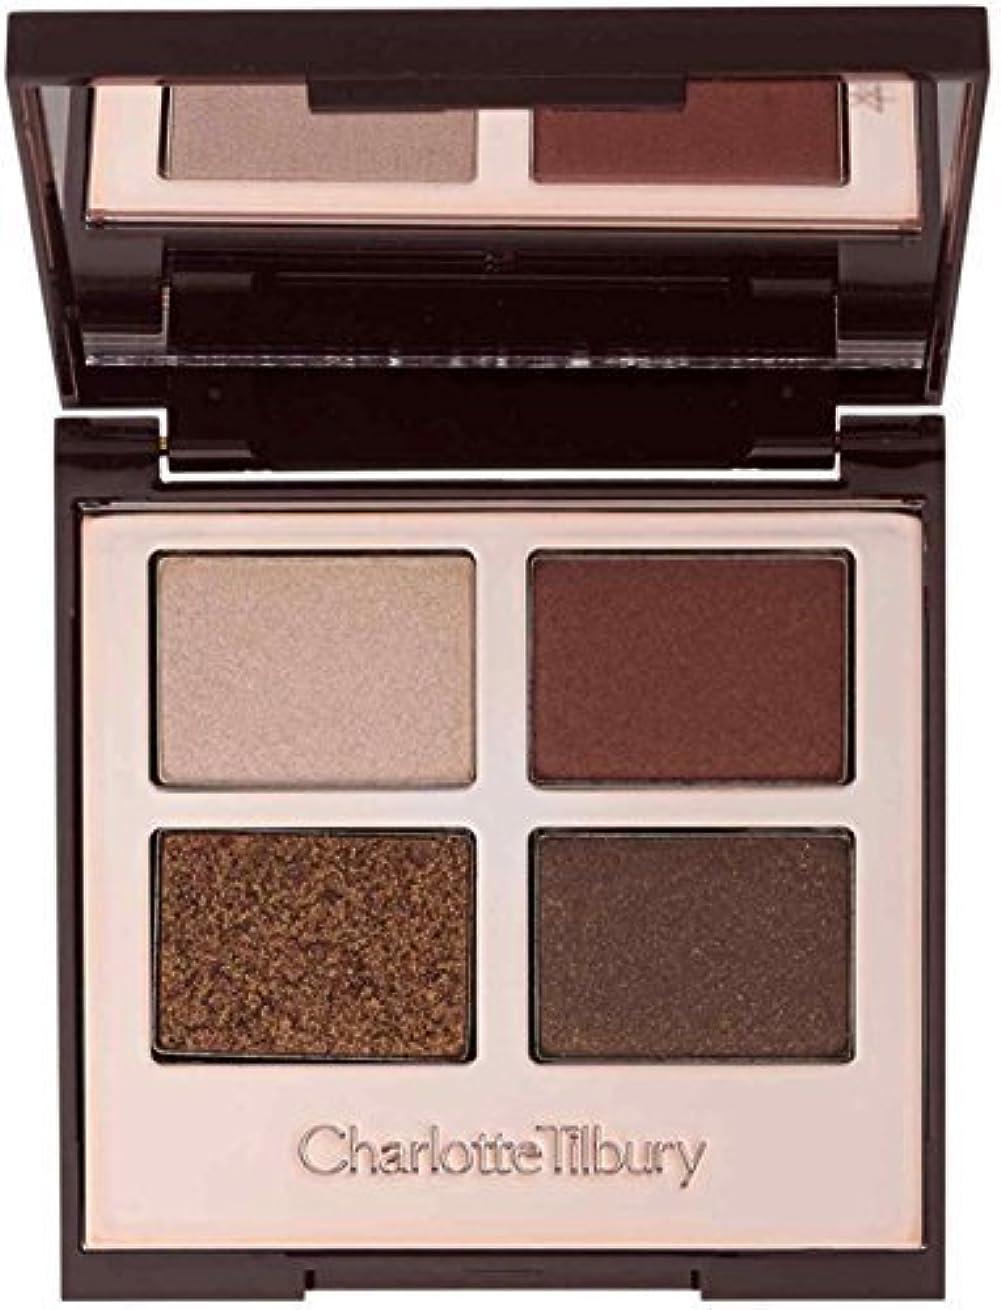 有用シルク登山家Charlotte Tilbury Luxury Palette The Dolce Vita by CHARLOTTE TILBURY [並行輸入品]